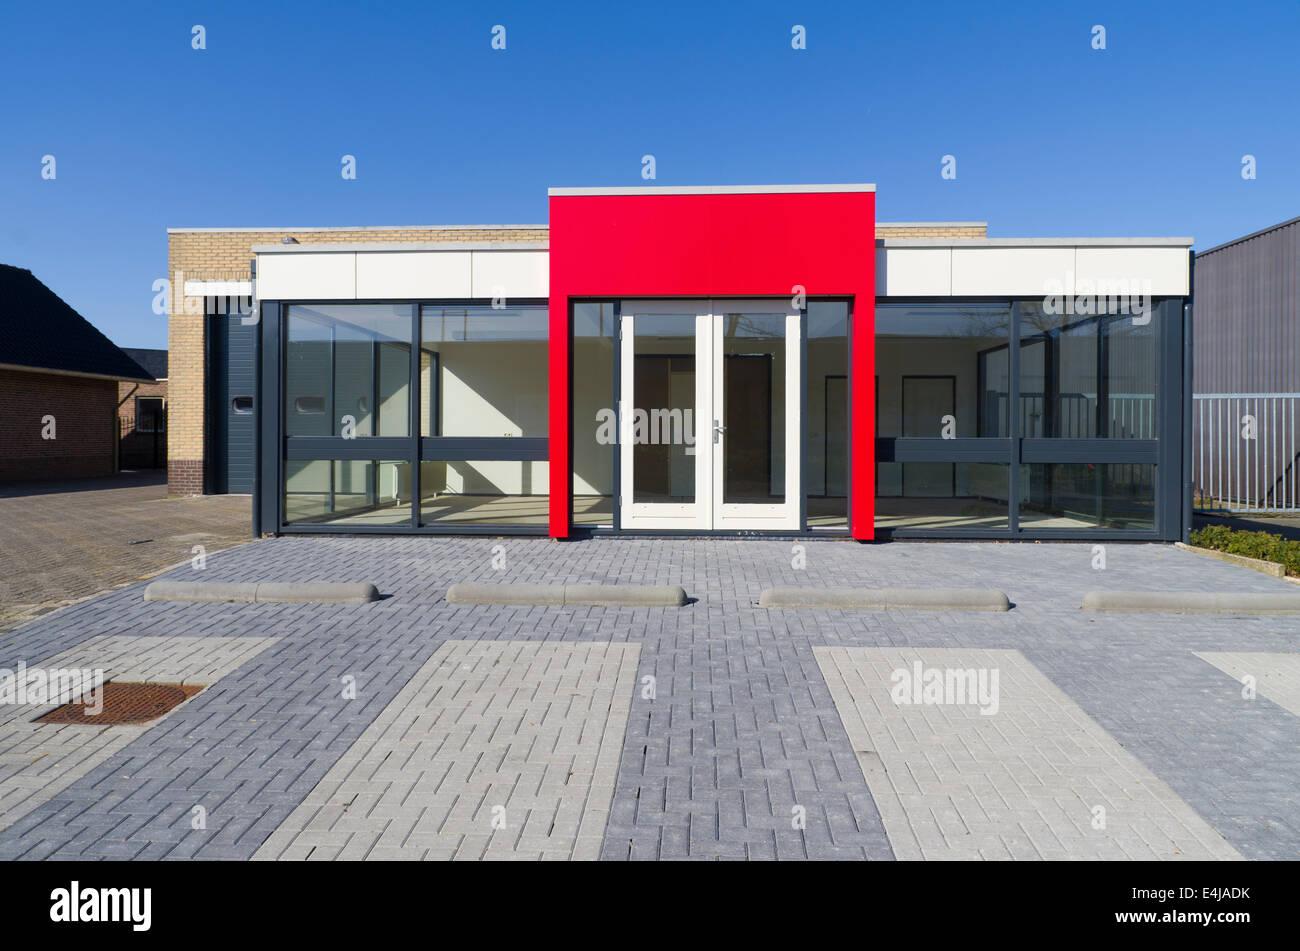 leere kleine Bürogebäude mit roten Eingang Stockfoto, Bild: 71703455 ...